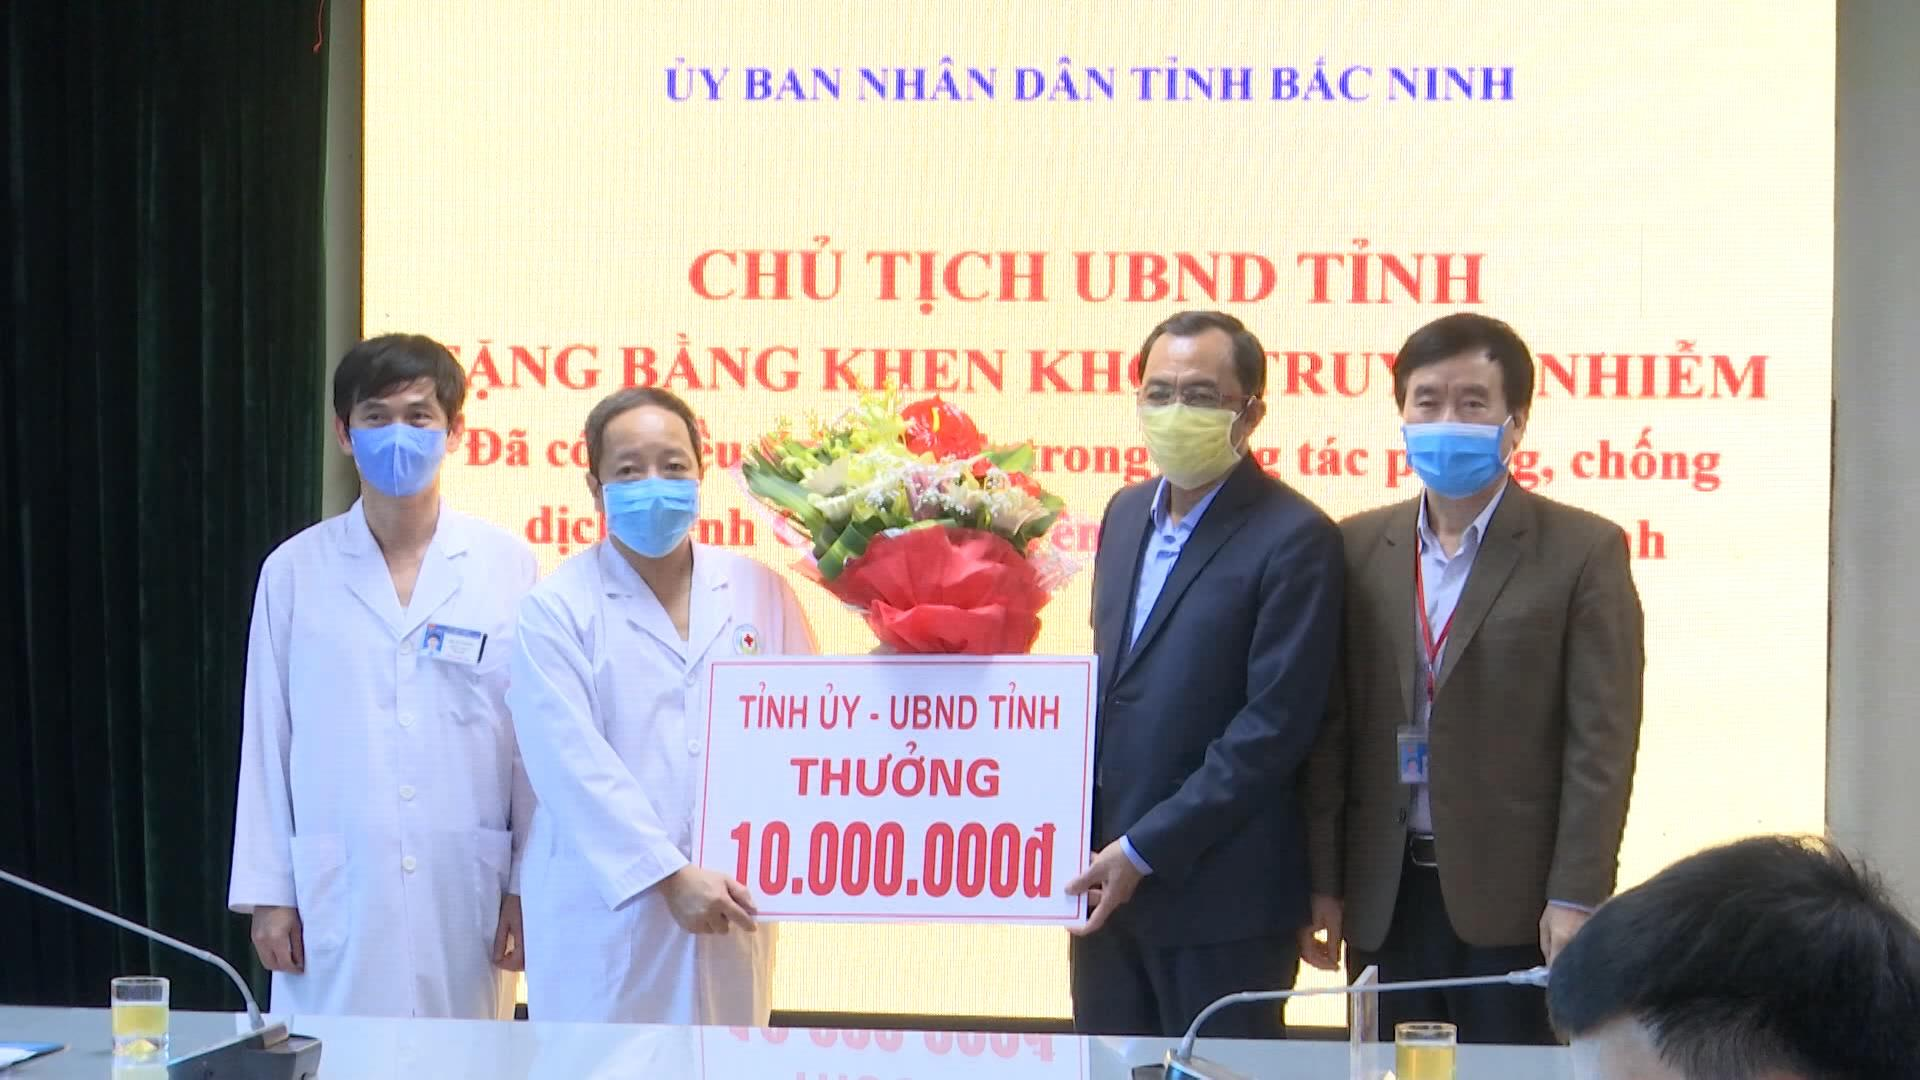 Bộ Công an công bố Quyết định công tác cán bộ Công an Bắc Ninh